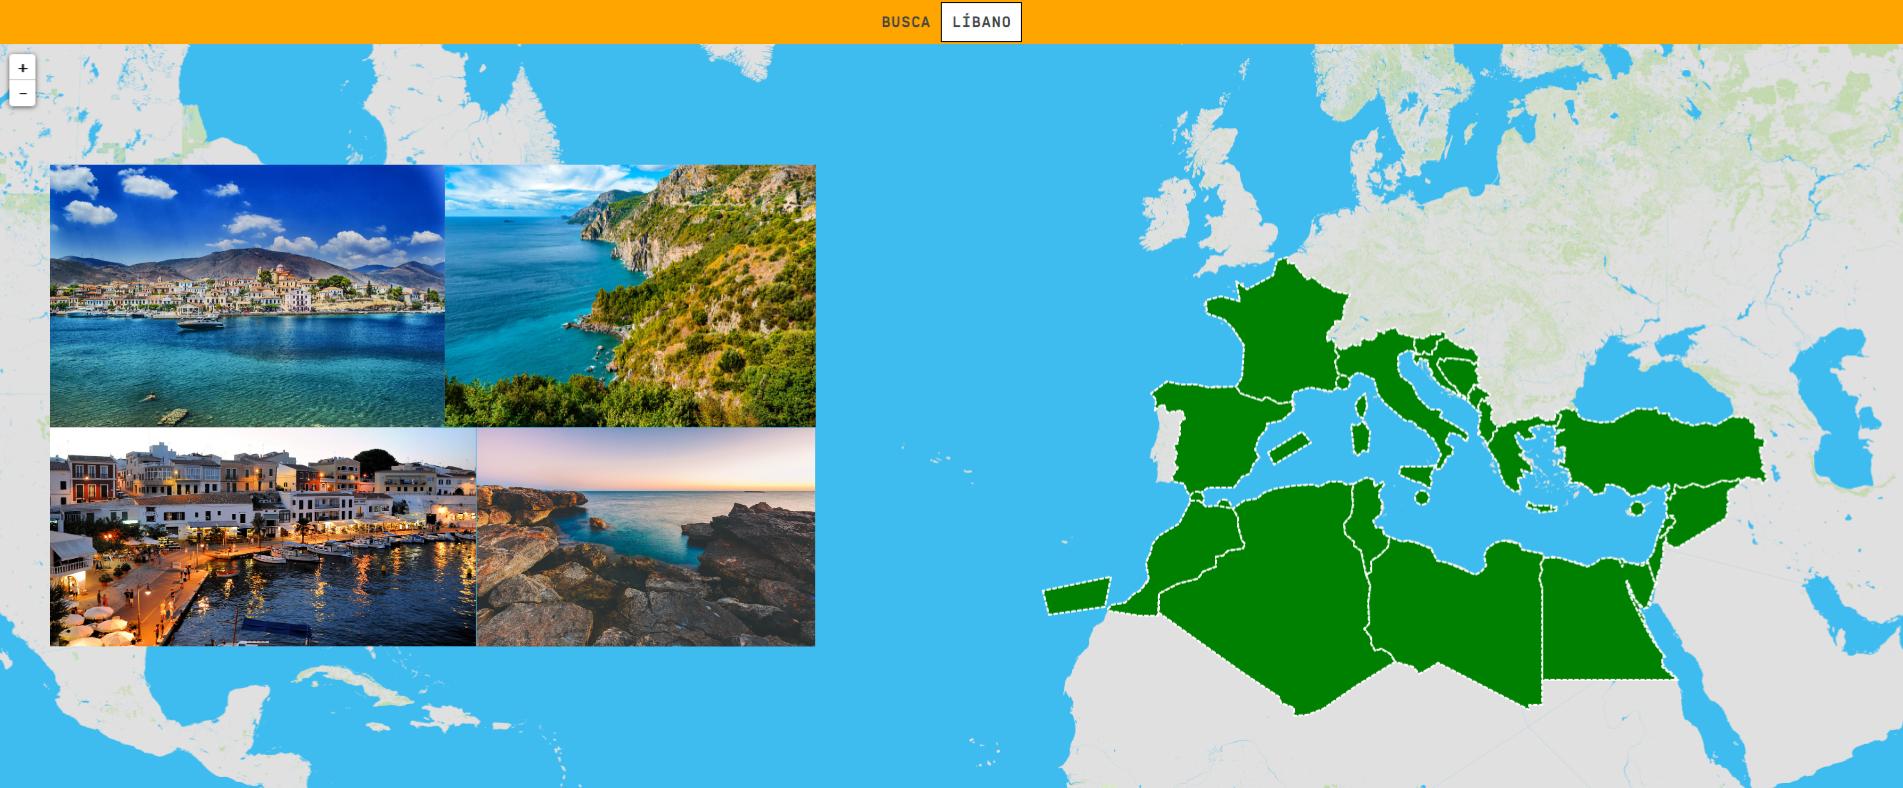 Mar Mediterrâneo: países